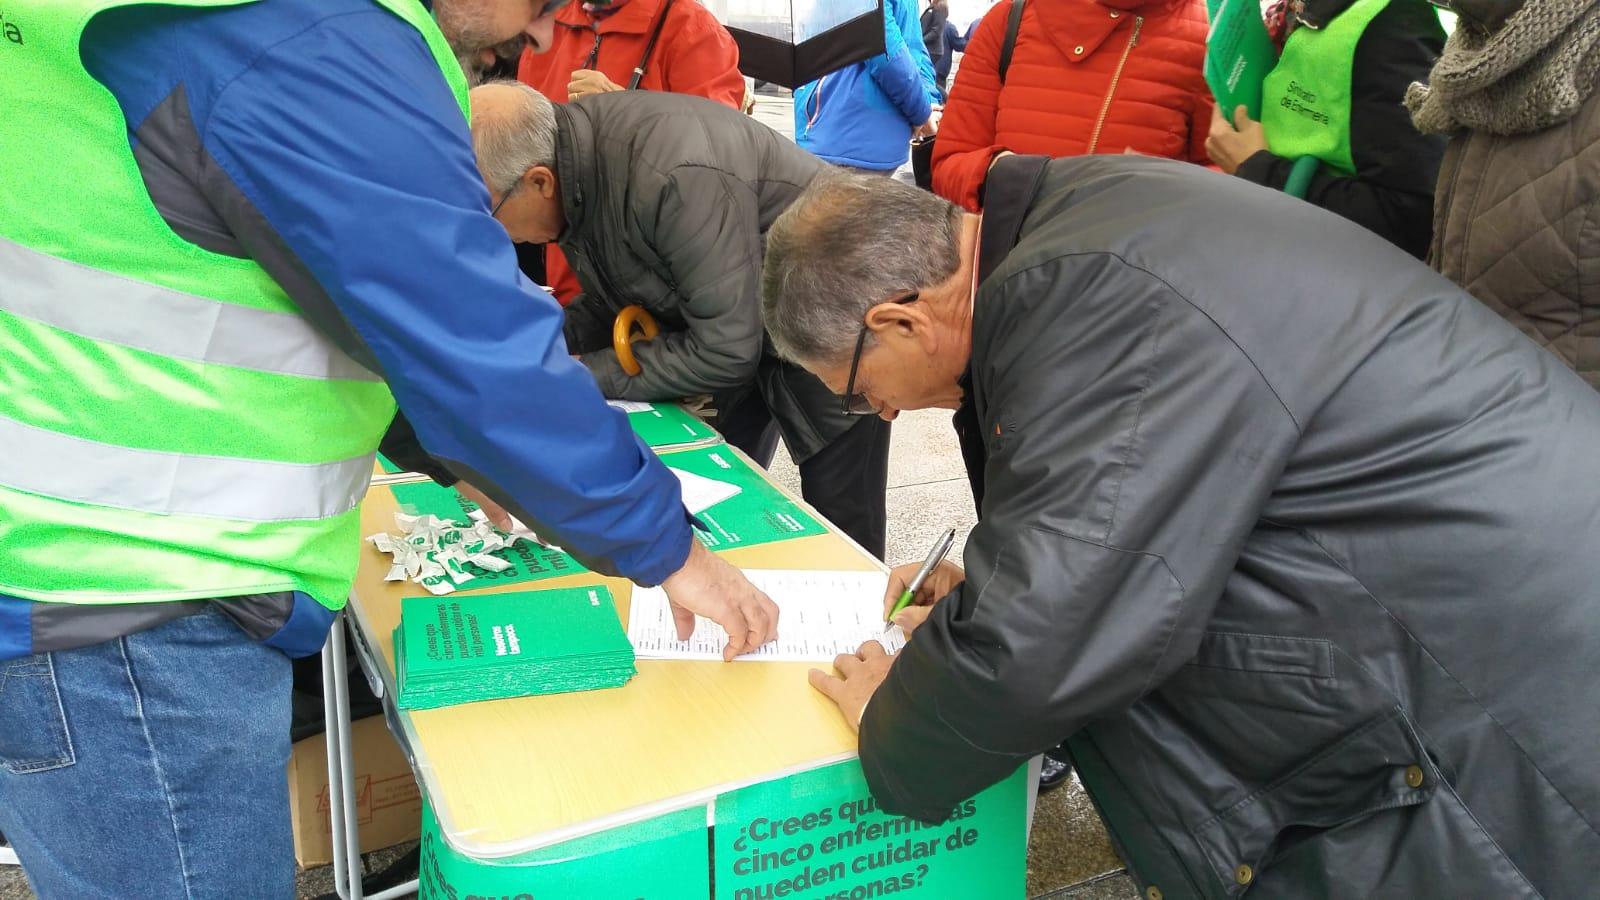 Arranca la recogida de firmas para que se regule el número de pacientes por enfermero